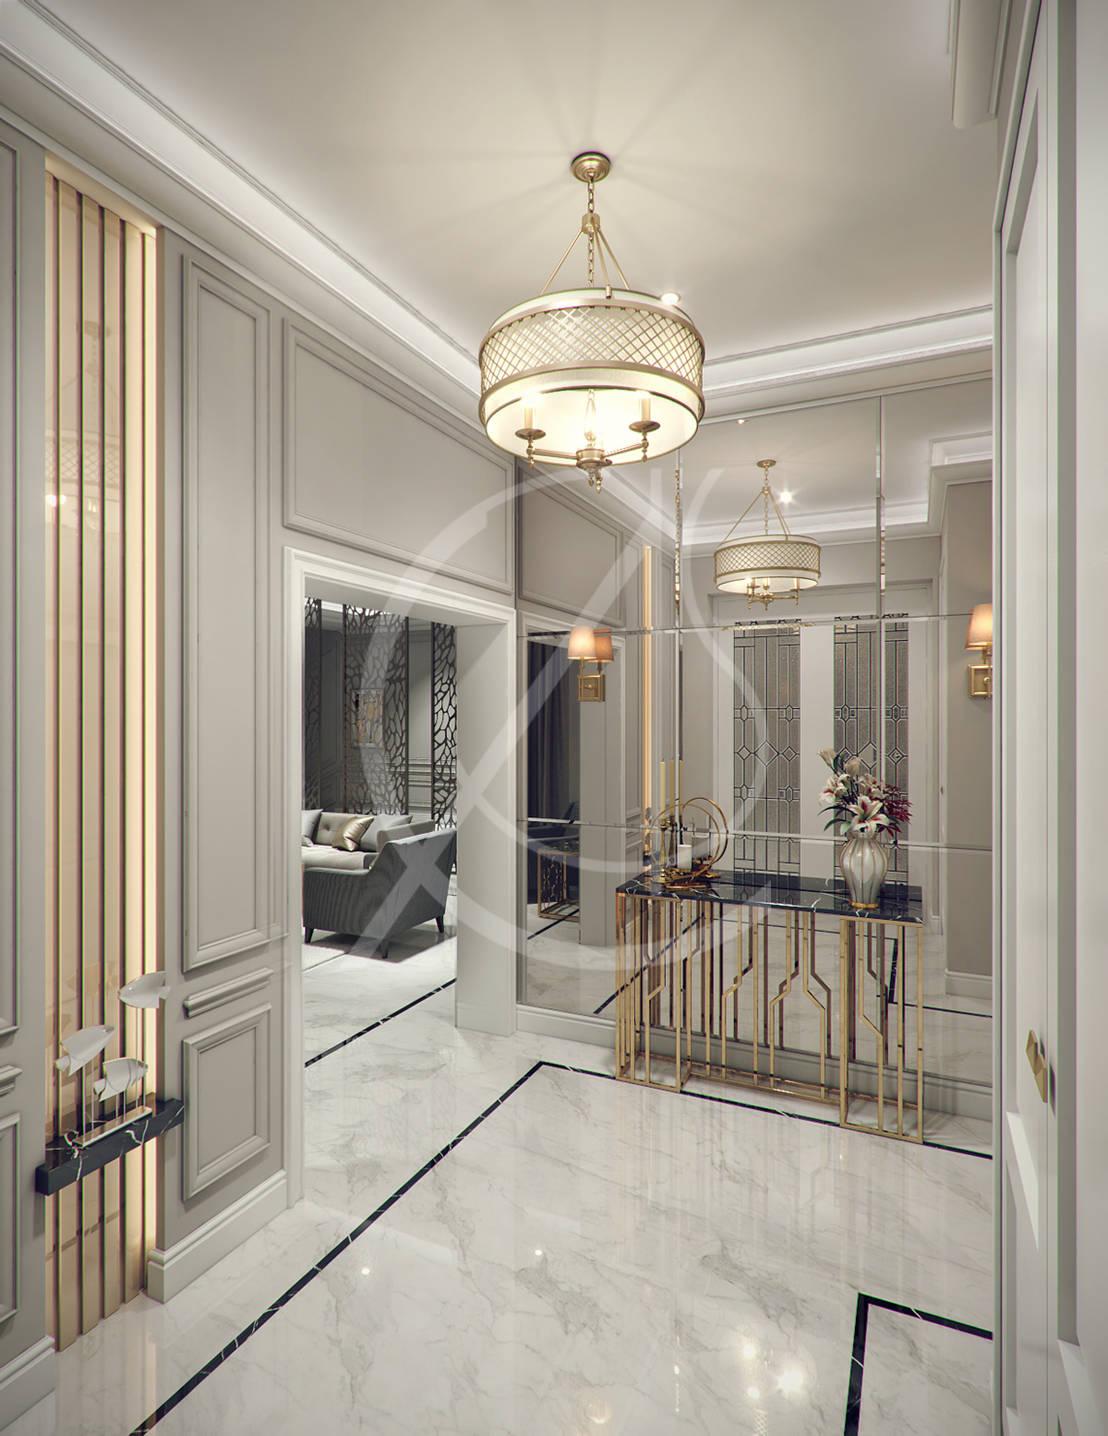 Modern classic villa interior design de comelite for Villa esplanada interior design